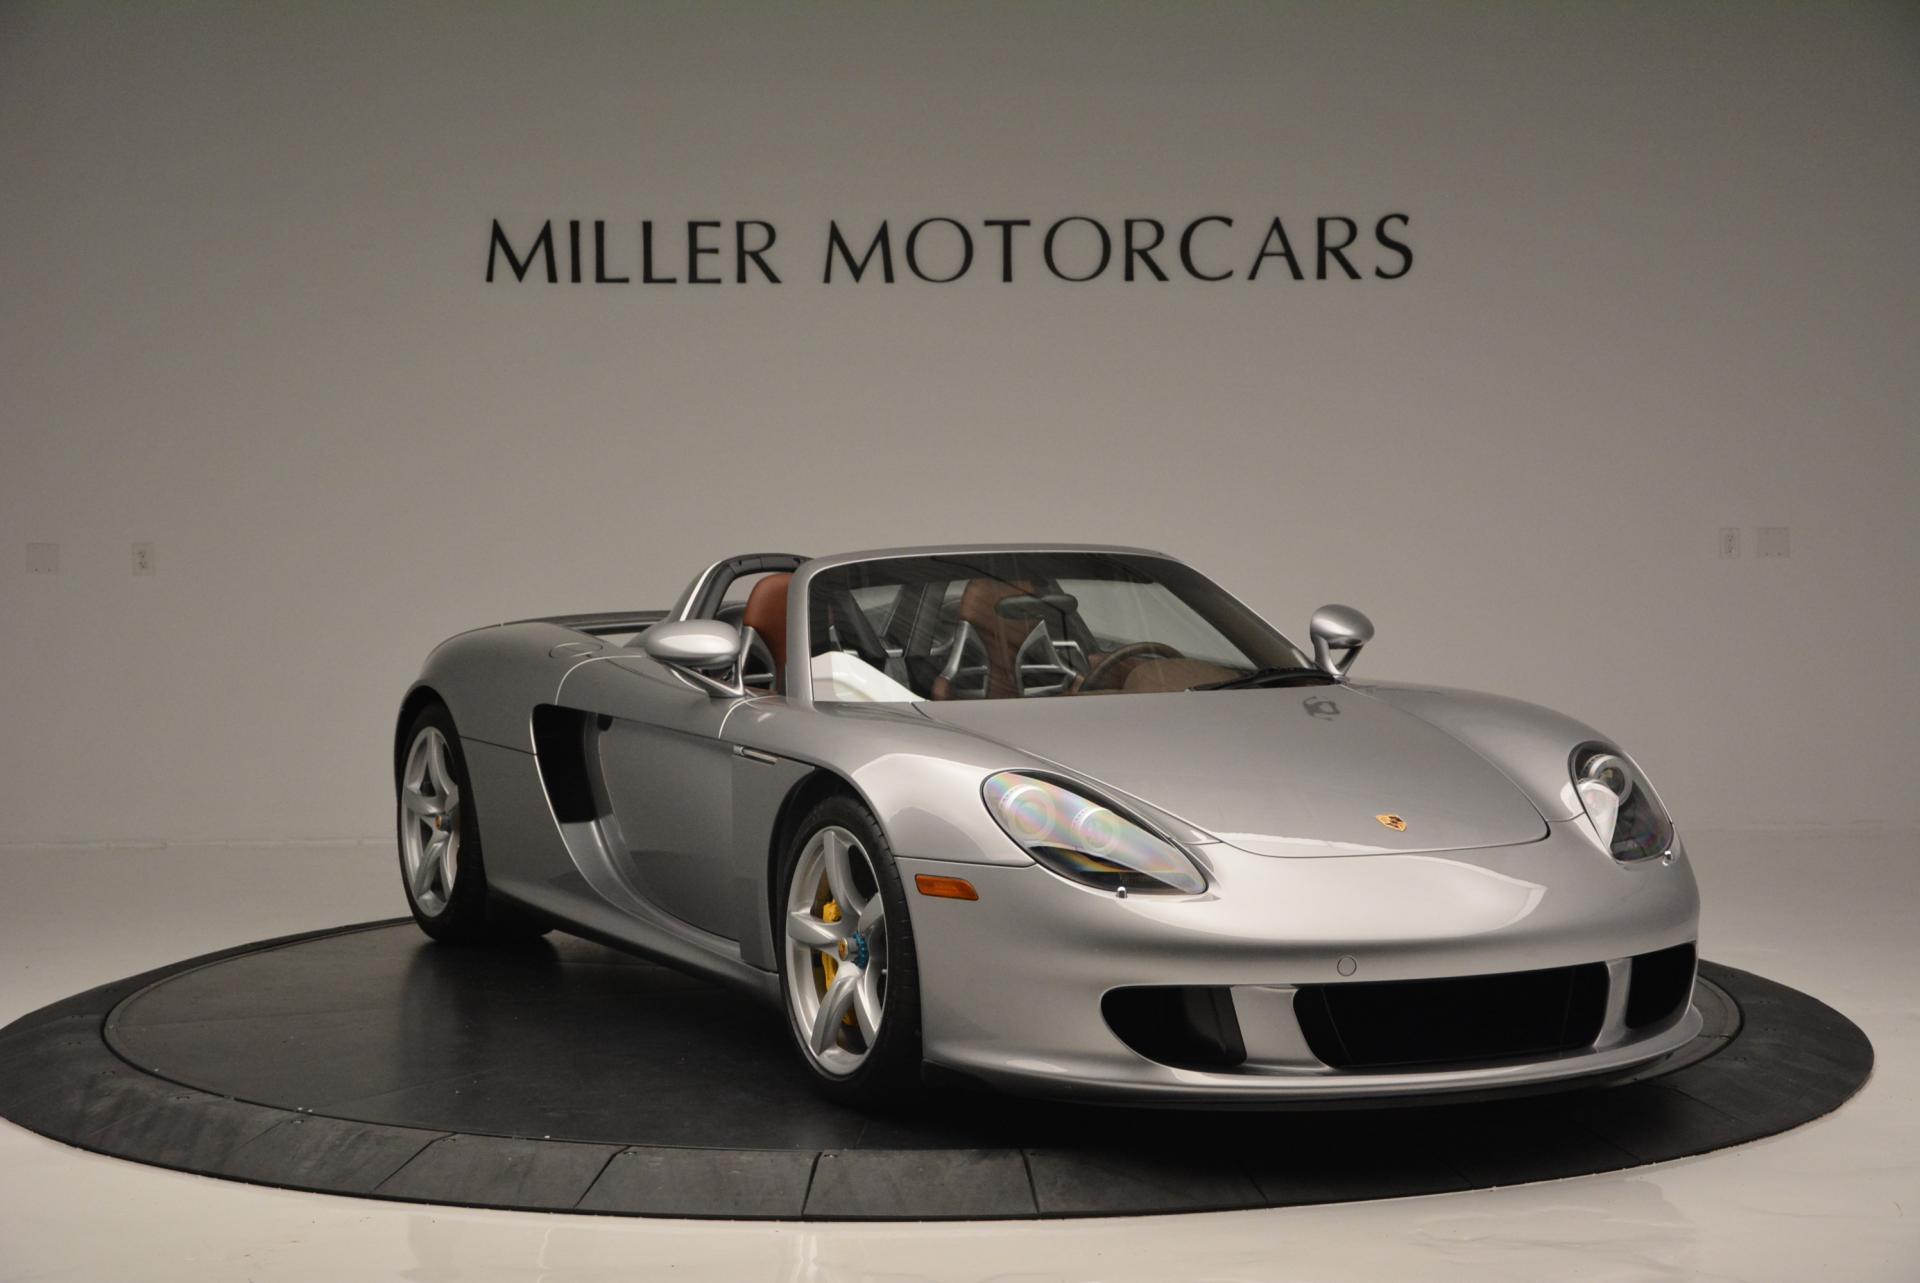 Used 2005 Porsche Carrera GT  For Sale In Greenwich, CT. Alfa Romeo of Greenwich, 7114 108_p14